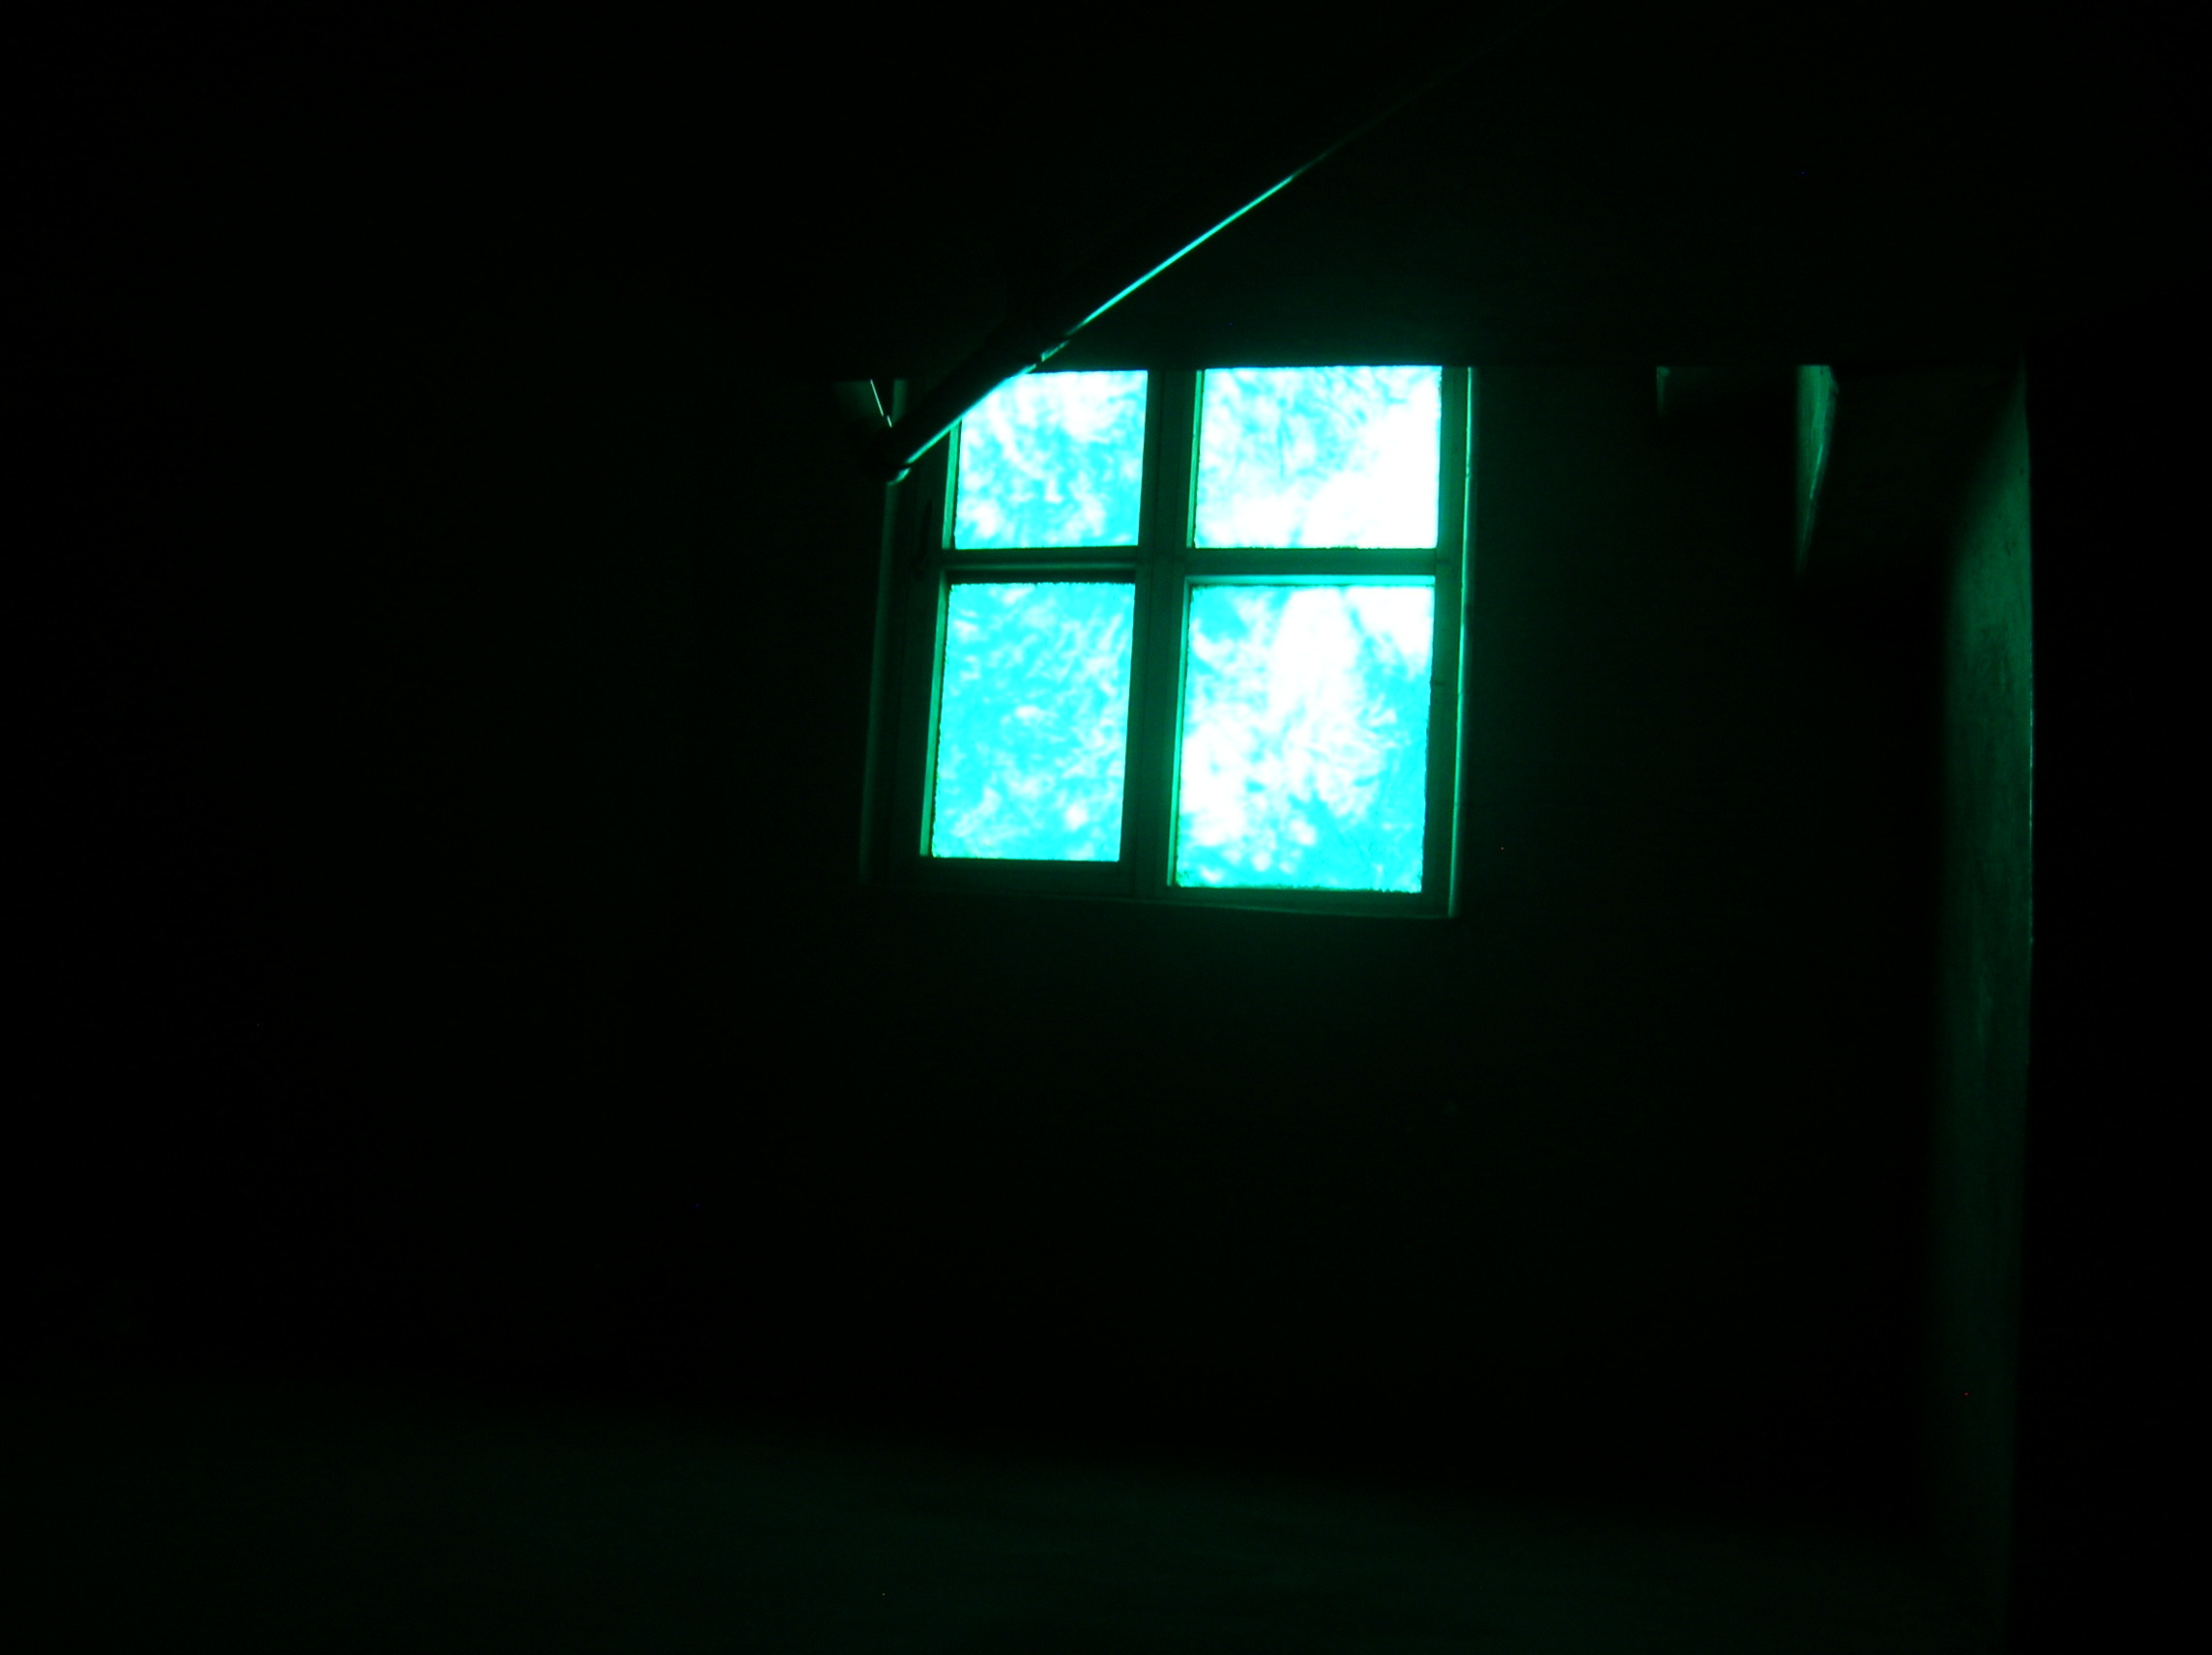 Eerie+wallpaper